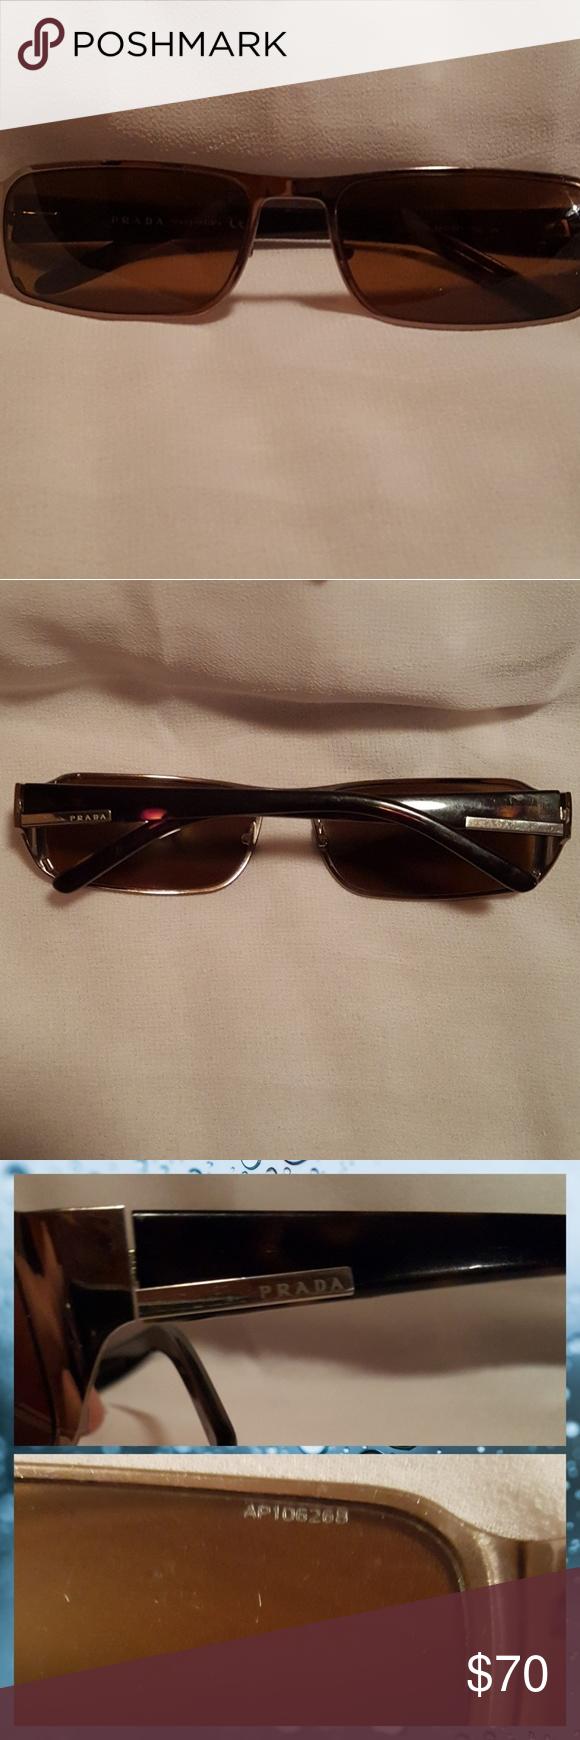 e0df9e9521e54 ... best prada sunglasses sunglasses stamped prada model spr 52f color 4sc  2z1dark brown lenses. 4906d